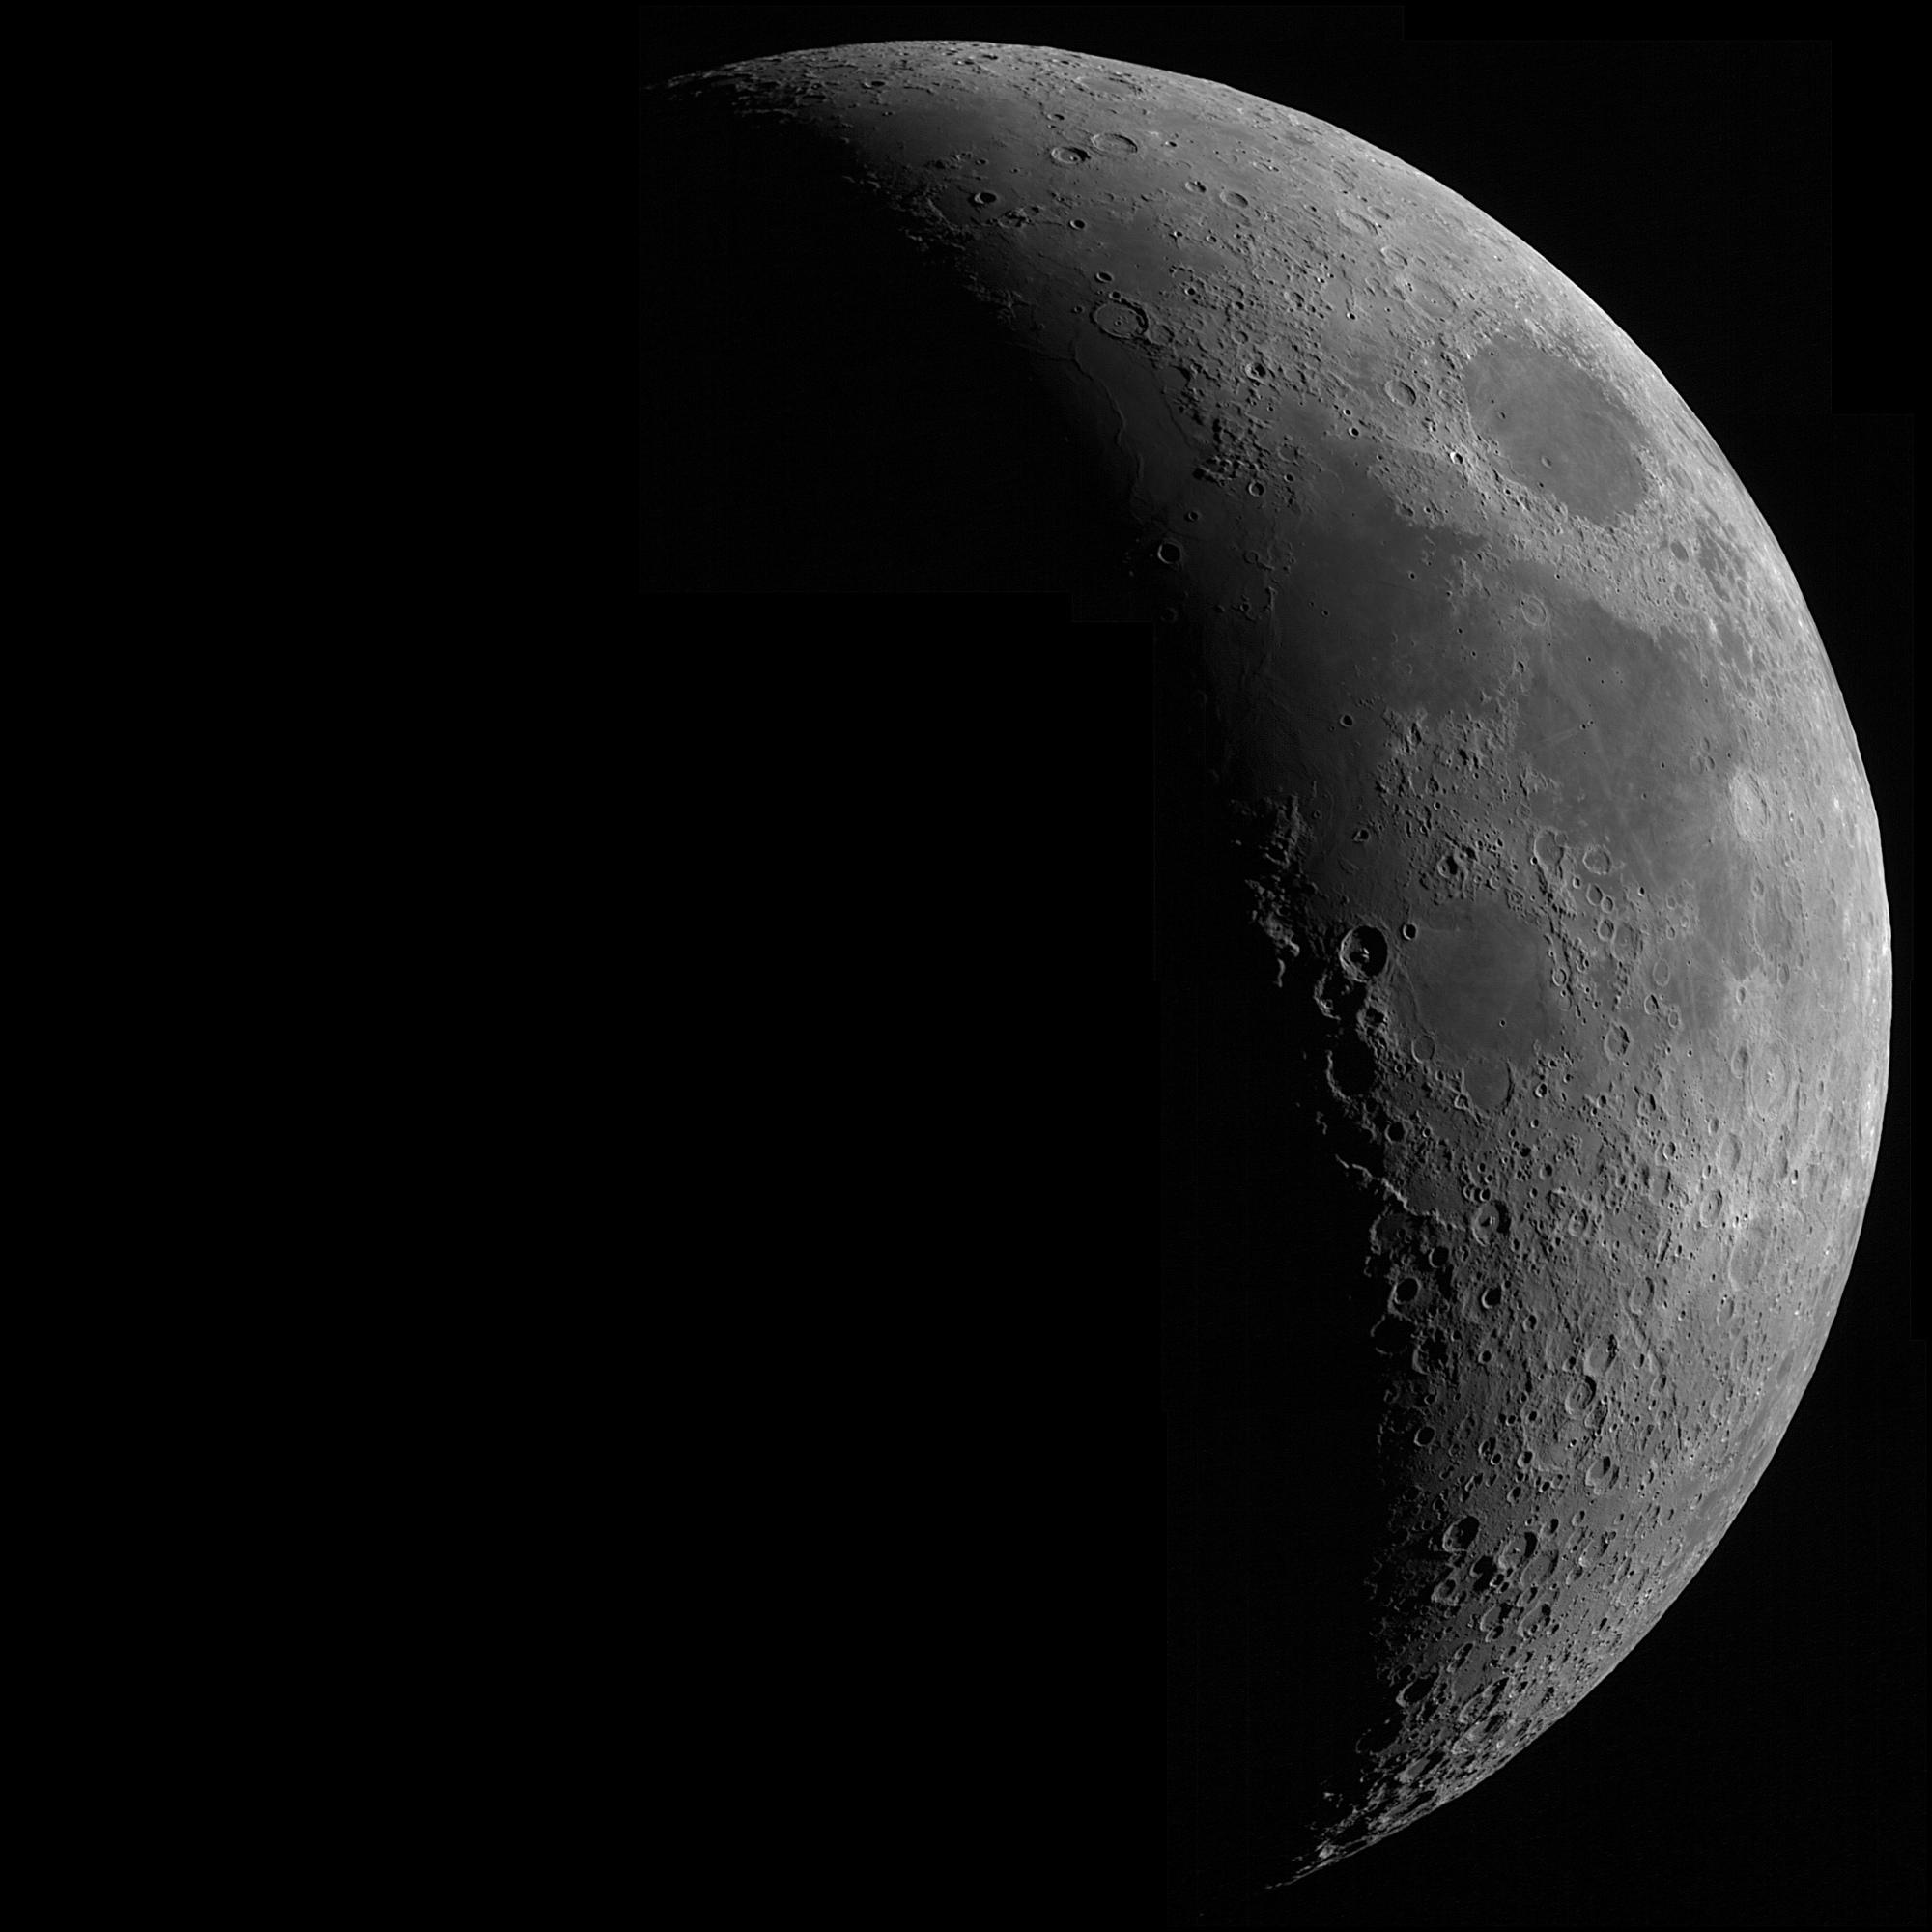 lune_2020_07_25.thumb.jpg.4279416cc3621fc9a001123d082e3c04.jpg